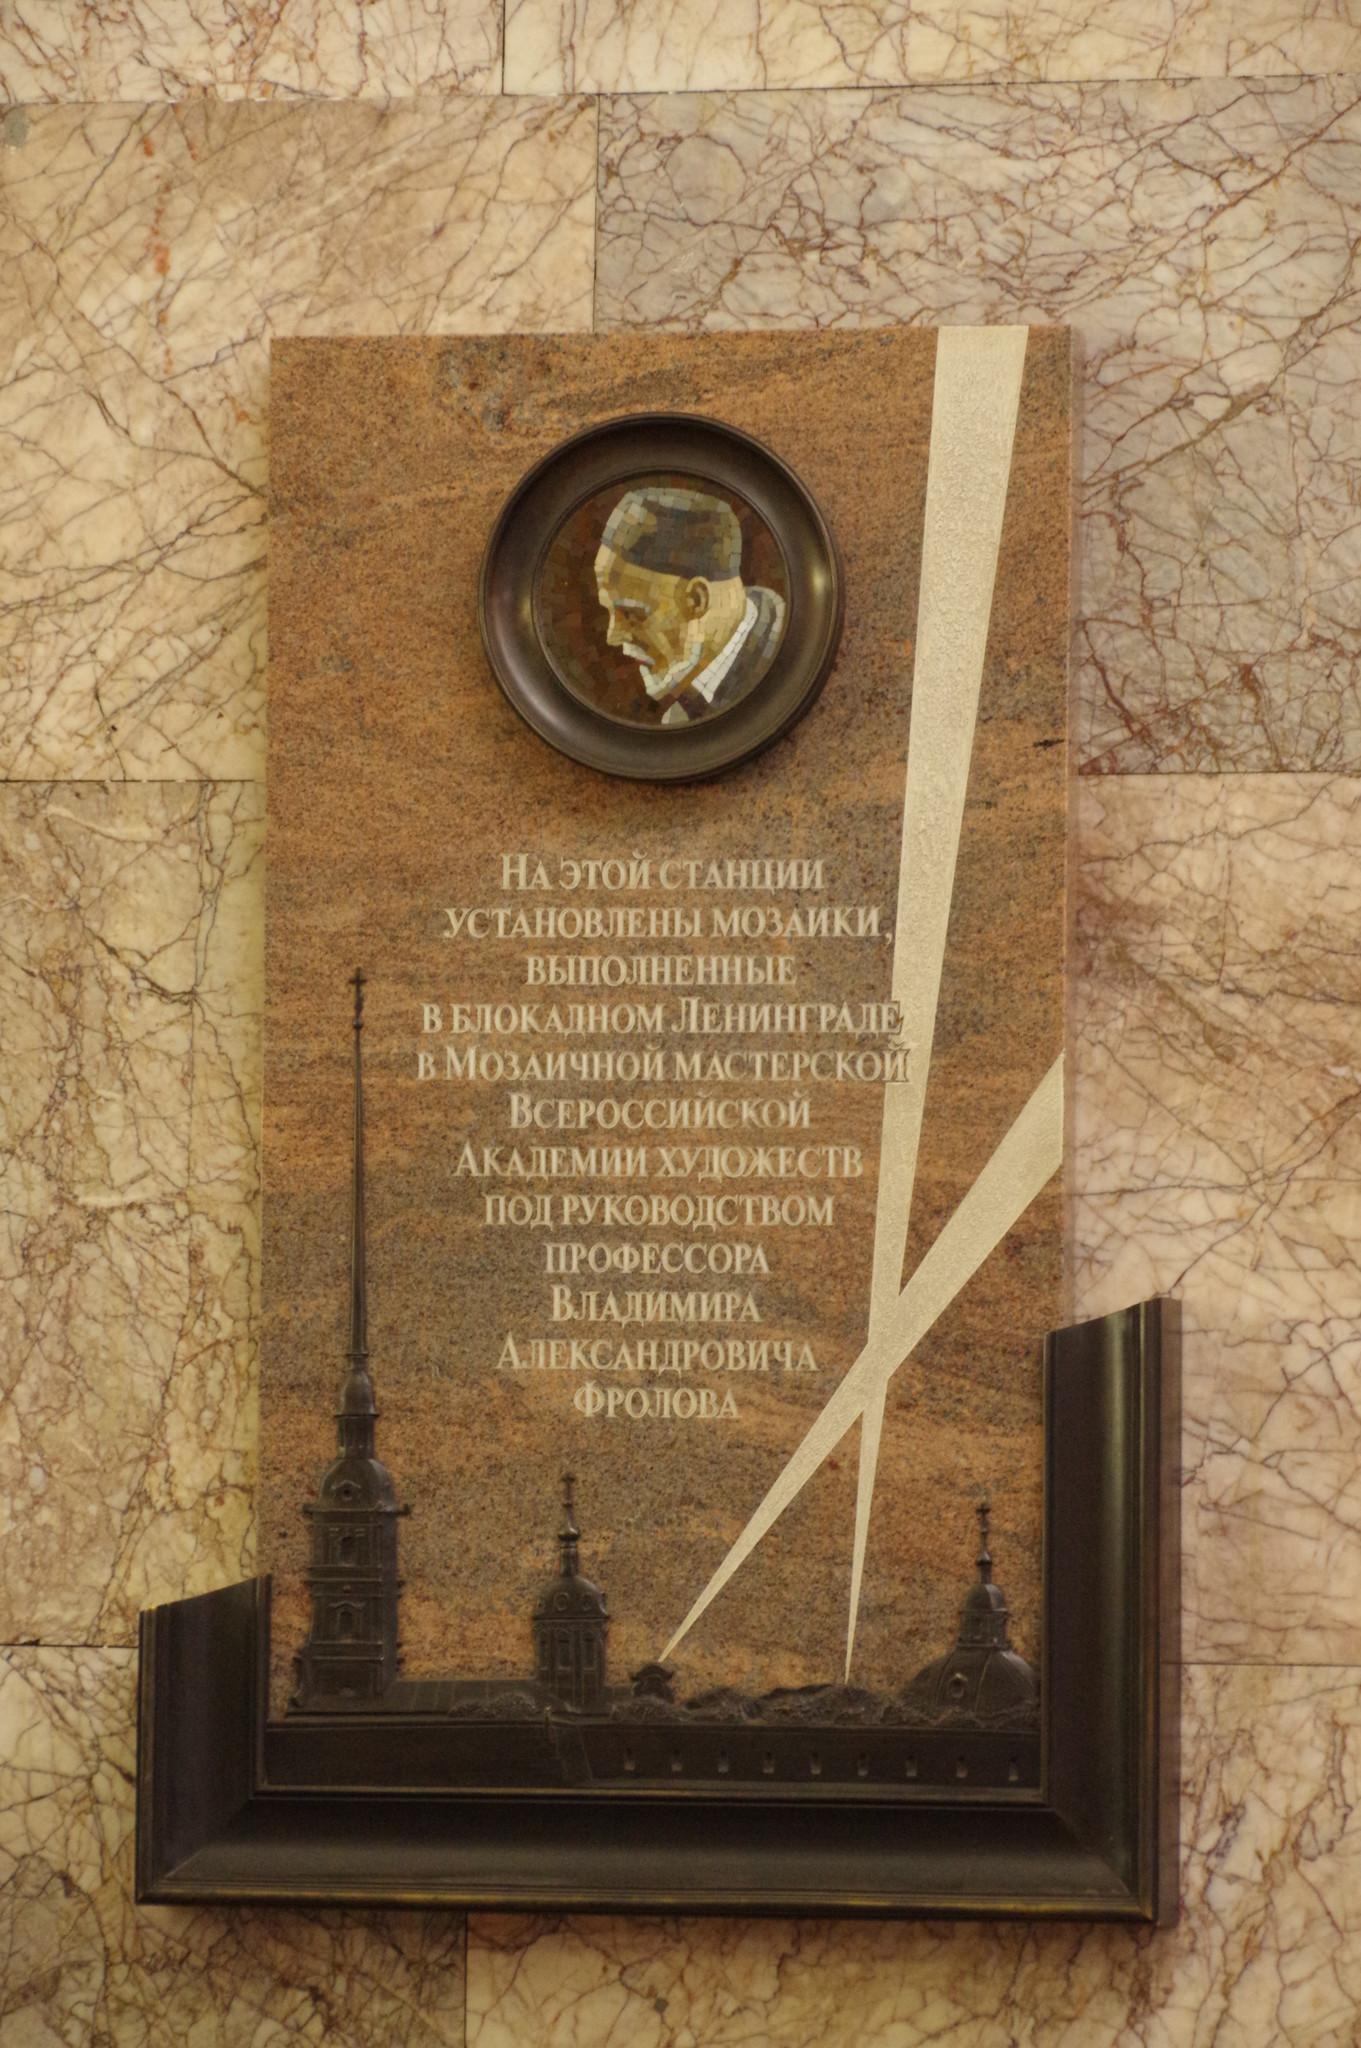 Мемориальная доска посвящённая мозаикам и Владимиру Александровичу Фролову открыта 27 января 2013 года на станции «Новокузнецкая» Московского метрополитена